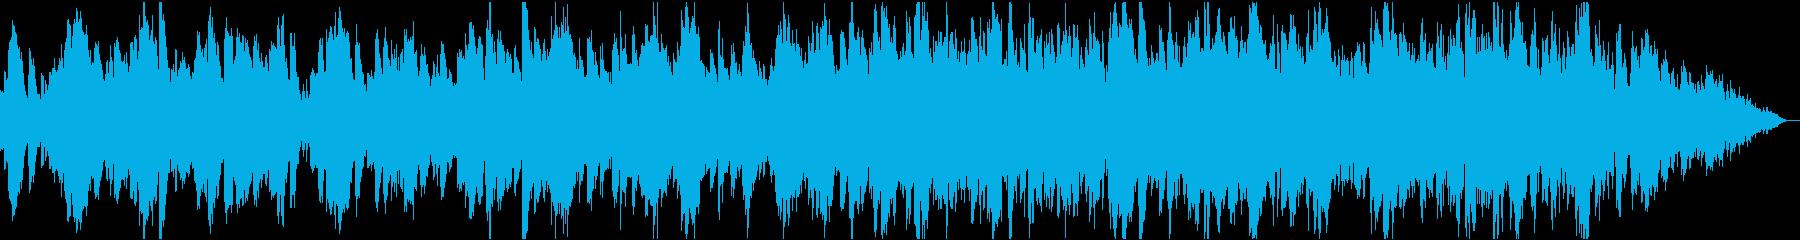 ナチュラルでhappyなフルートとピアノの再生済みの波形